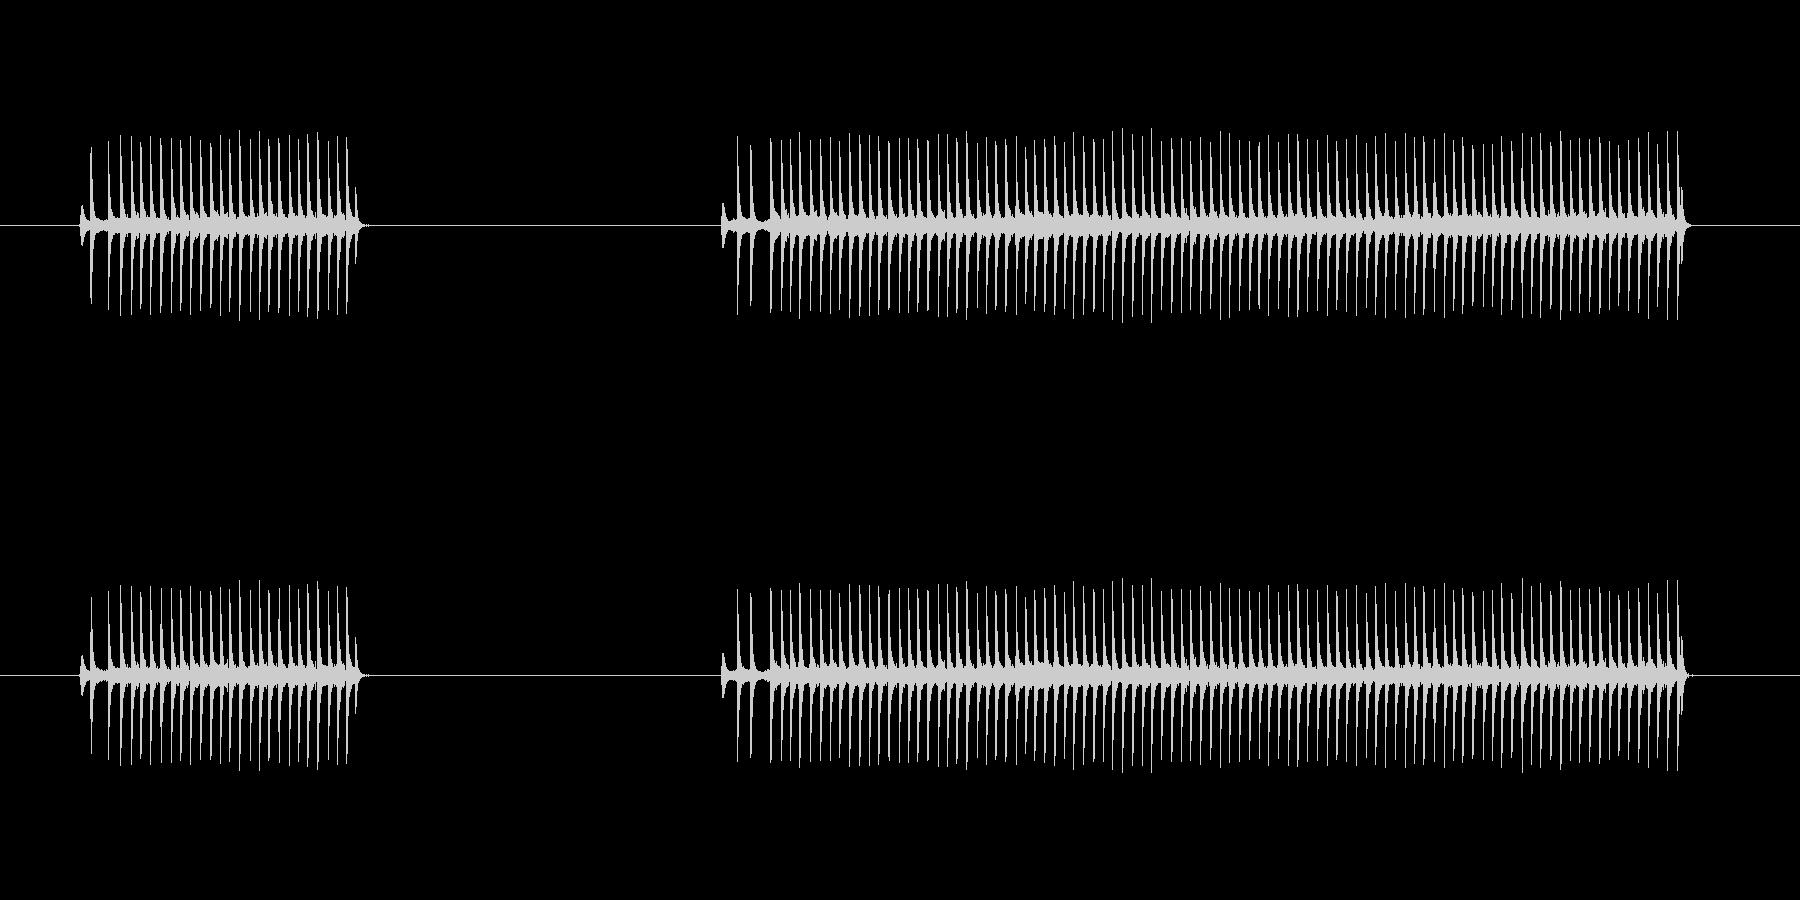 ゲーム、クイズ(ブー音)_002の未再生の波形